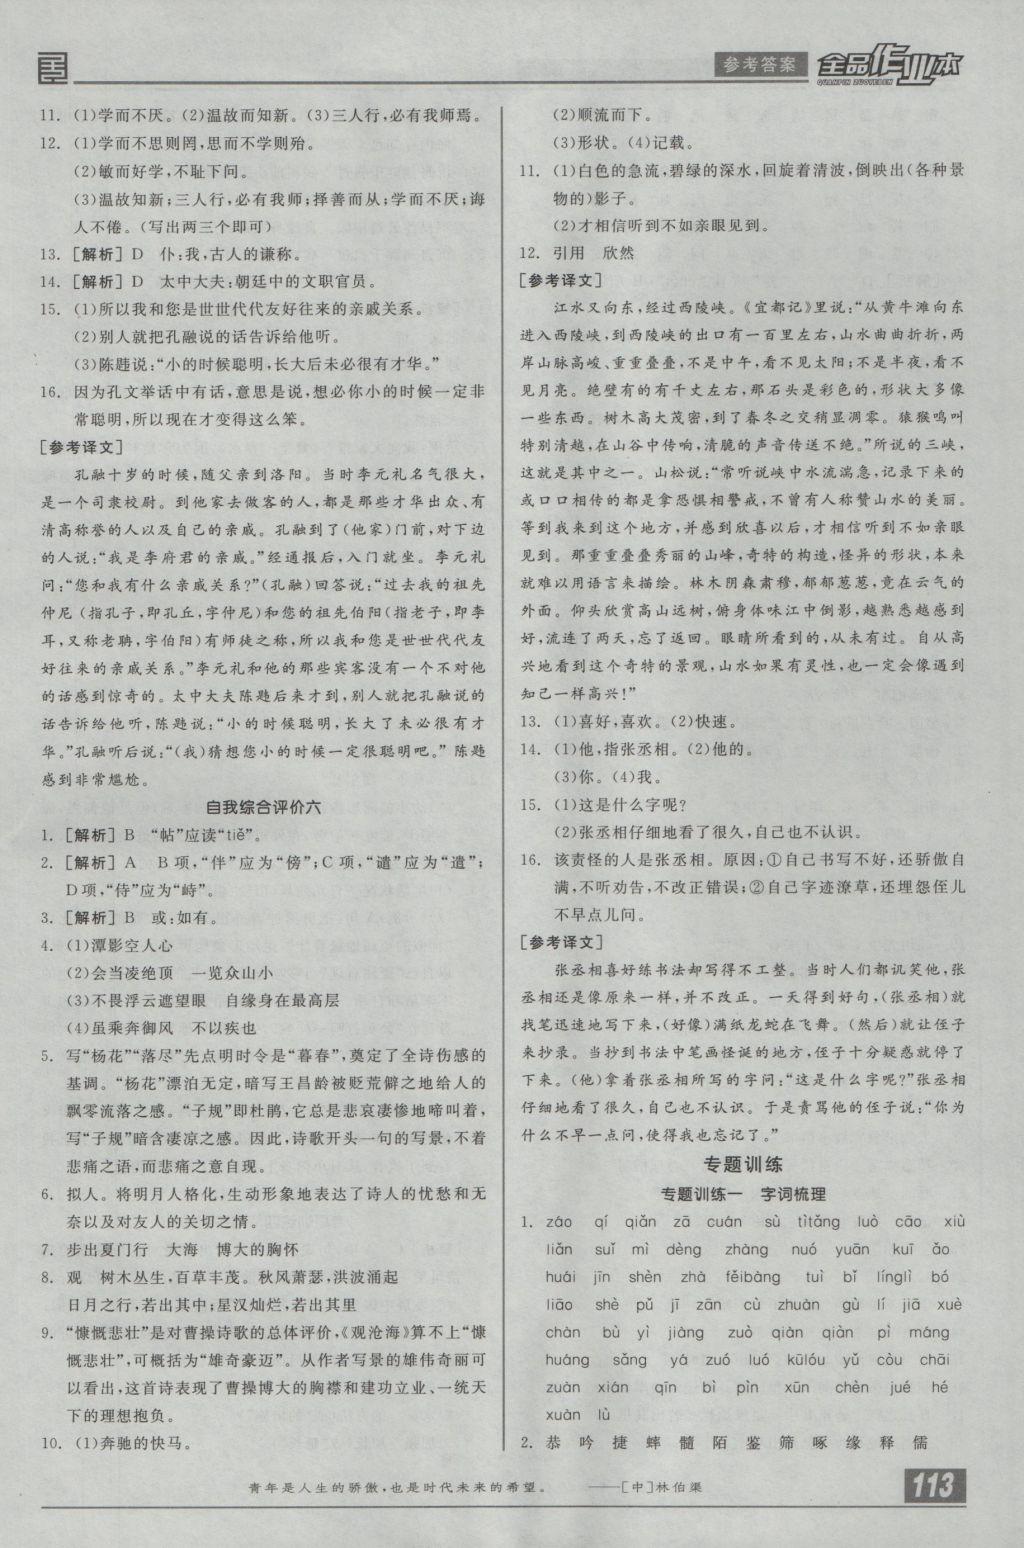 2016年全品作业本七年级语文上册语文版参考答案第15页